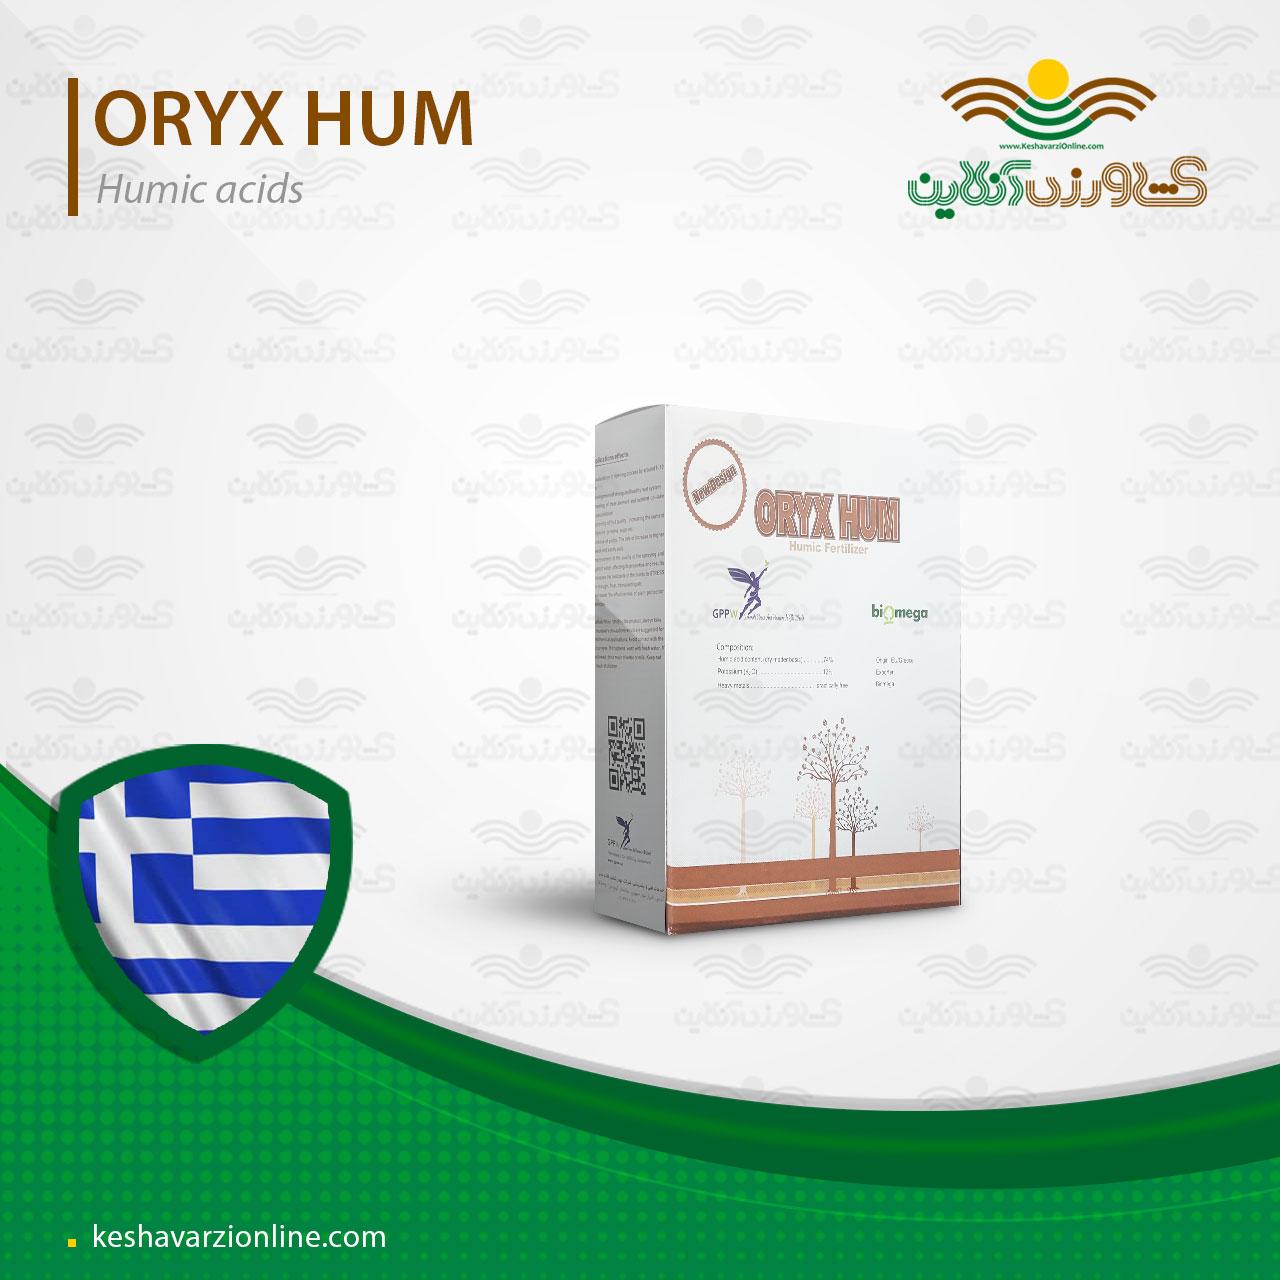 کود هیومیک اسید پودری اوریکس هیوم جدید یونان